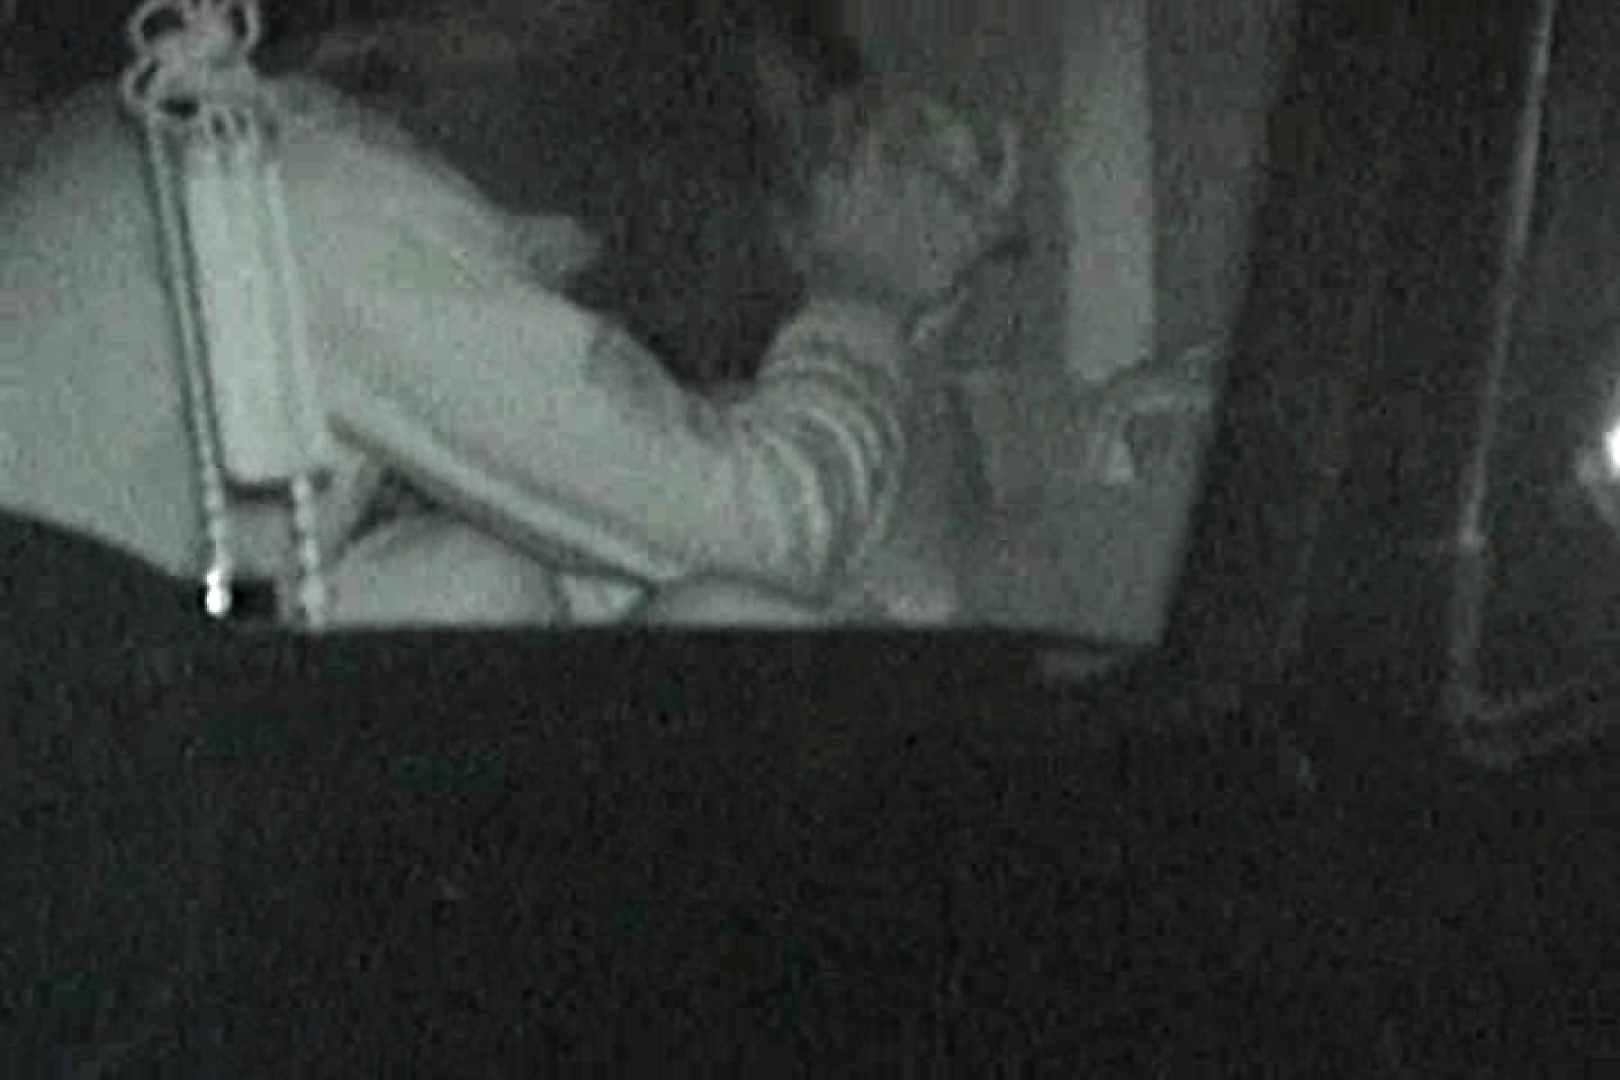 充血監督の深夜の運動会Vol.8 乳首 覗きおまんこ画像 75pic 47